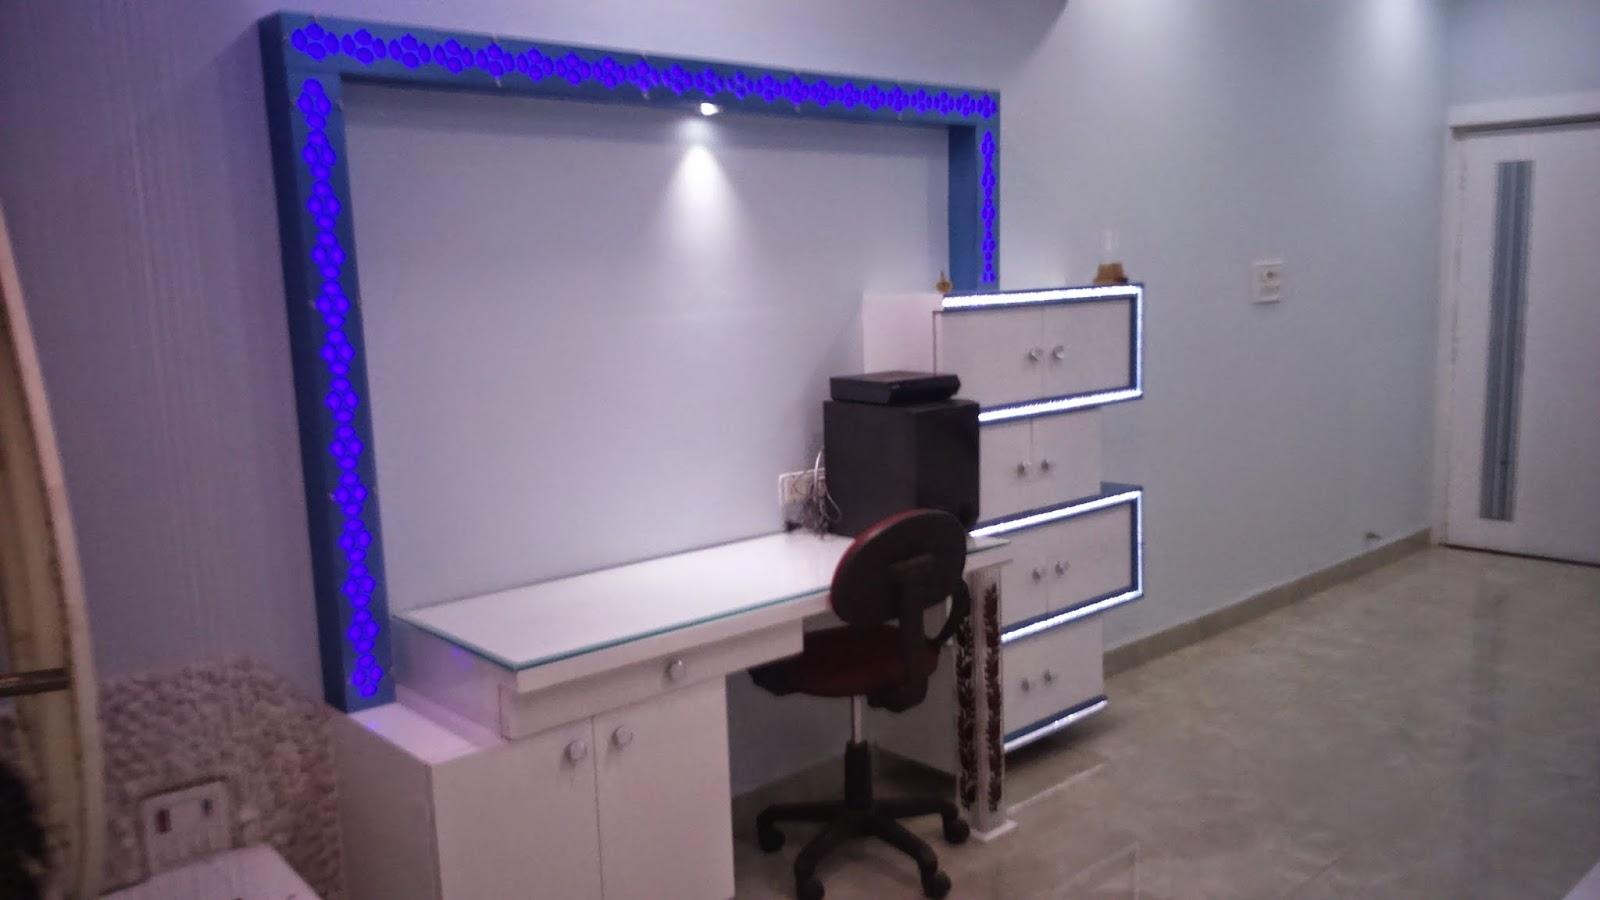 LED TV FURNITURE DESIGN USING SIDE BLUE LED